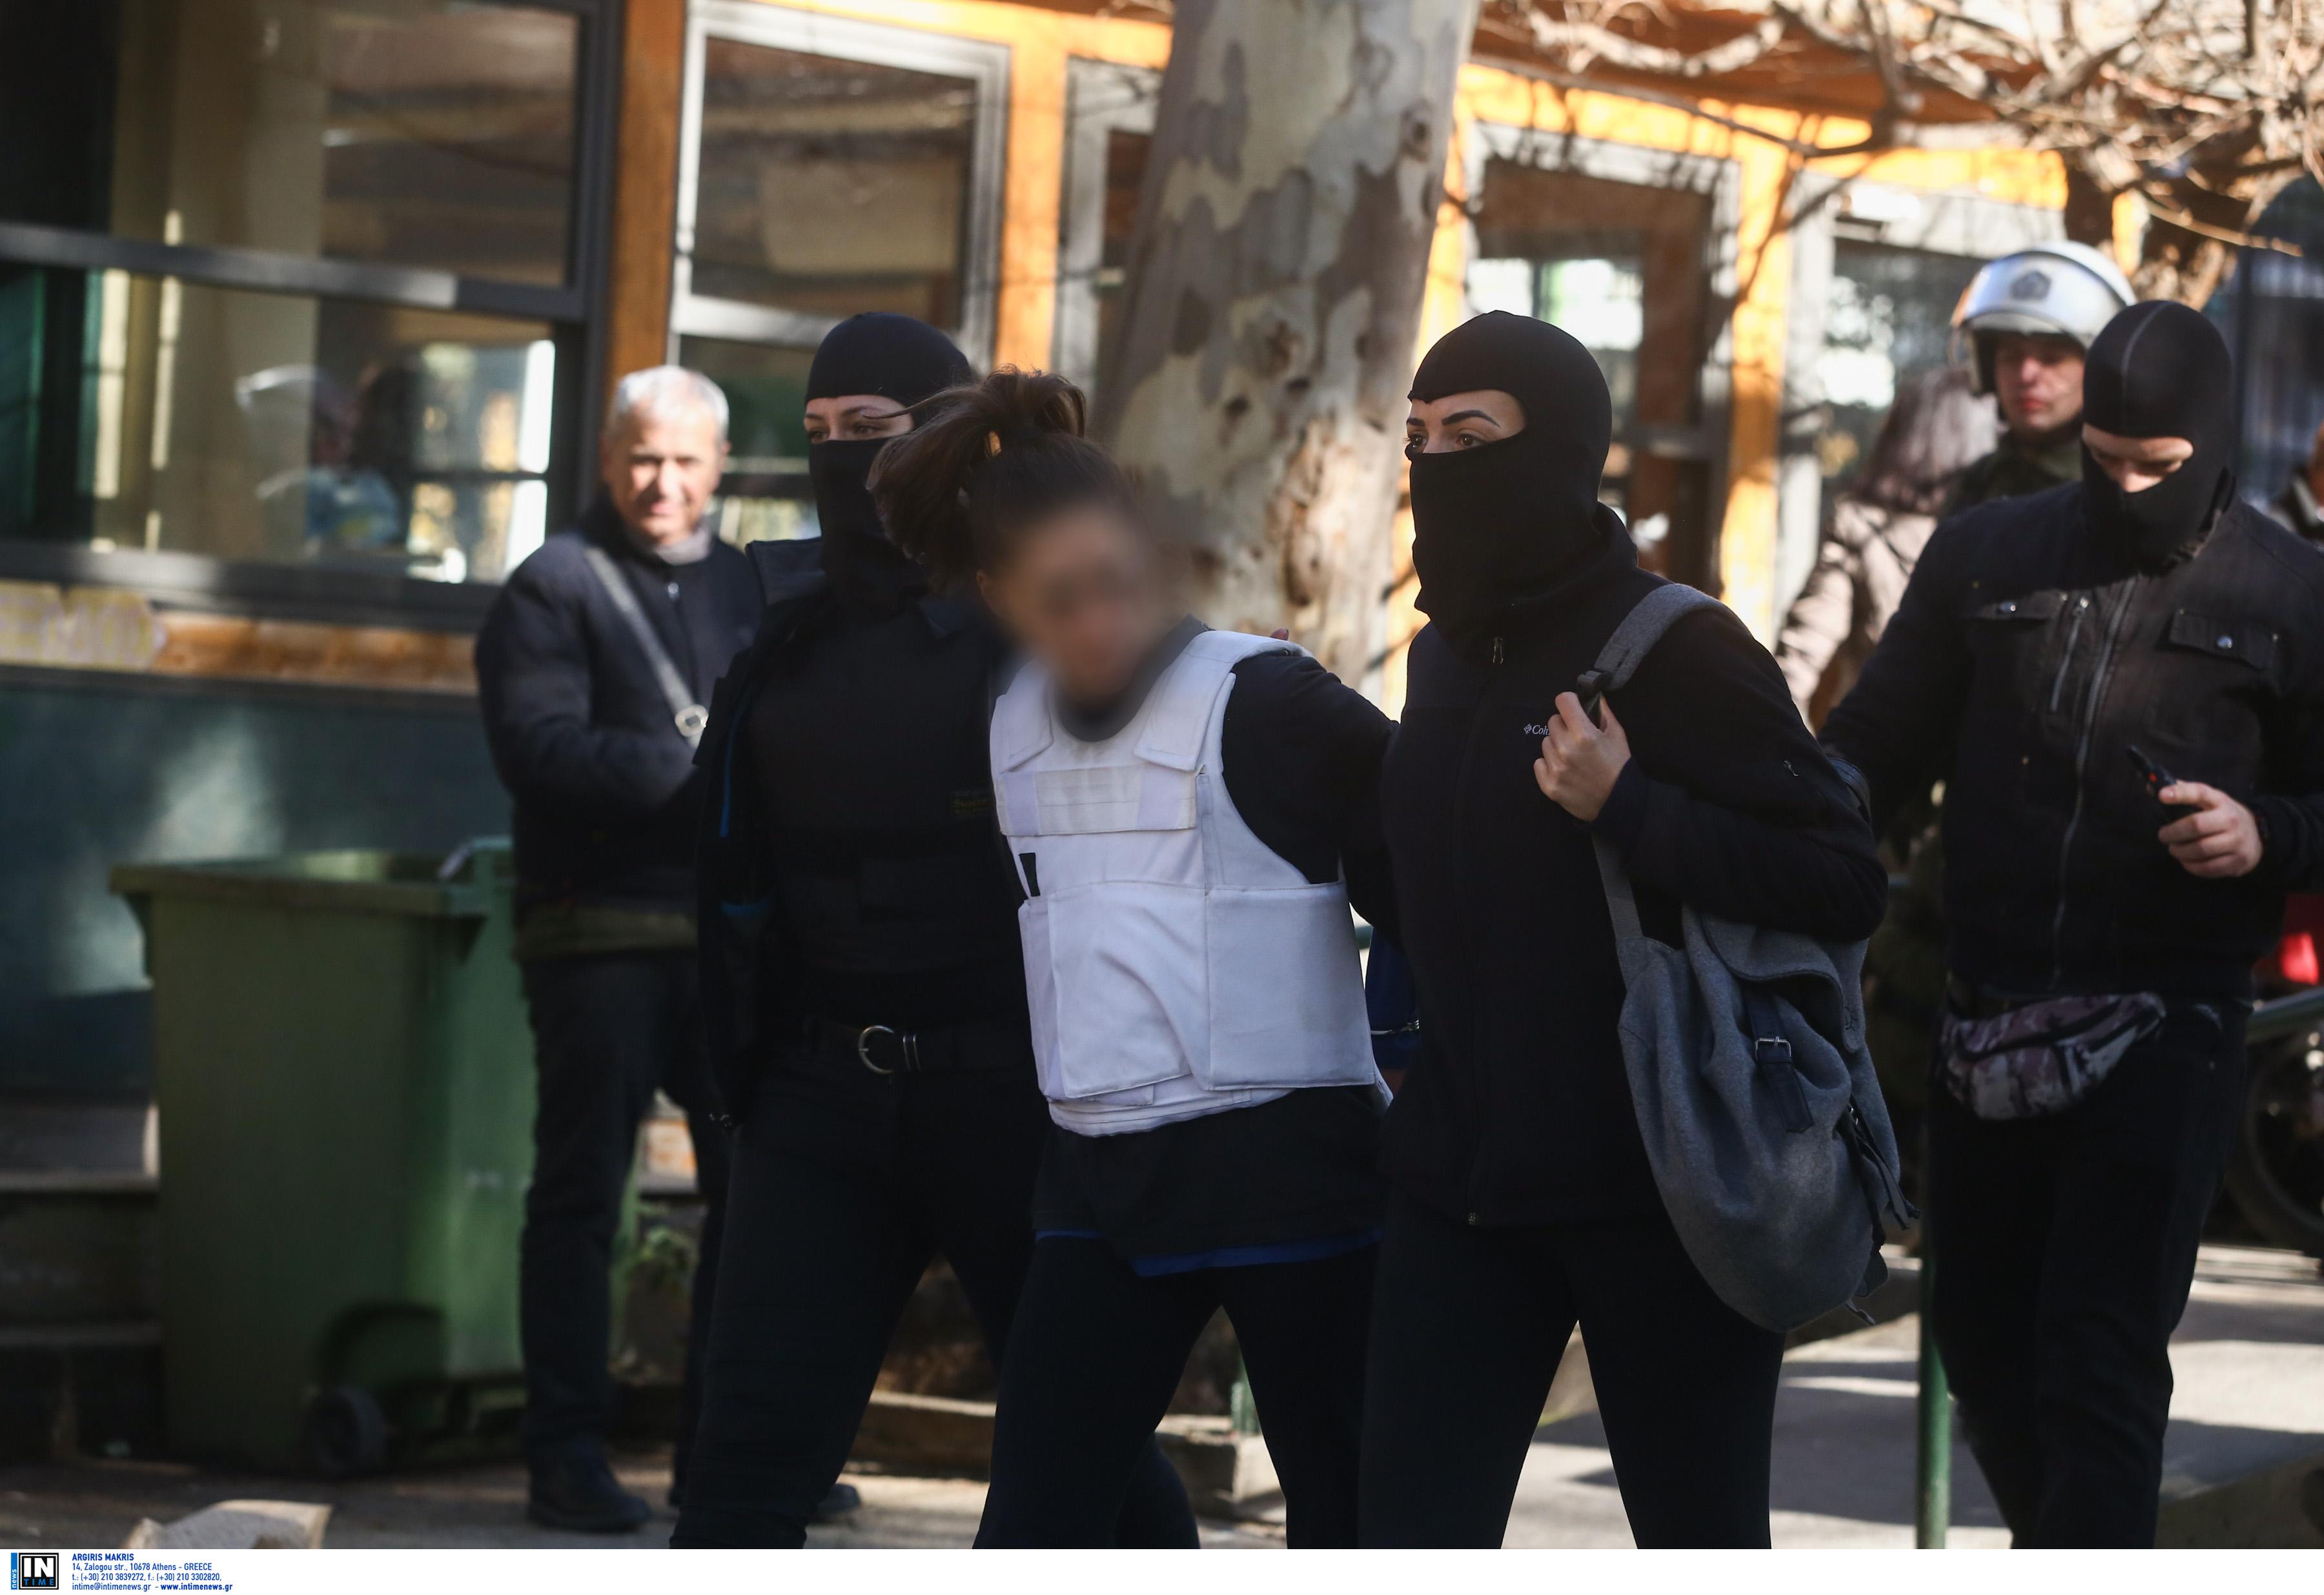 Τοξοβόλος: Κανένα ίχνος από τη γιάφκα της οργάνωσης